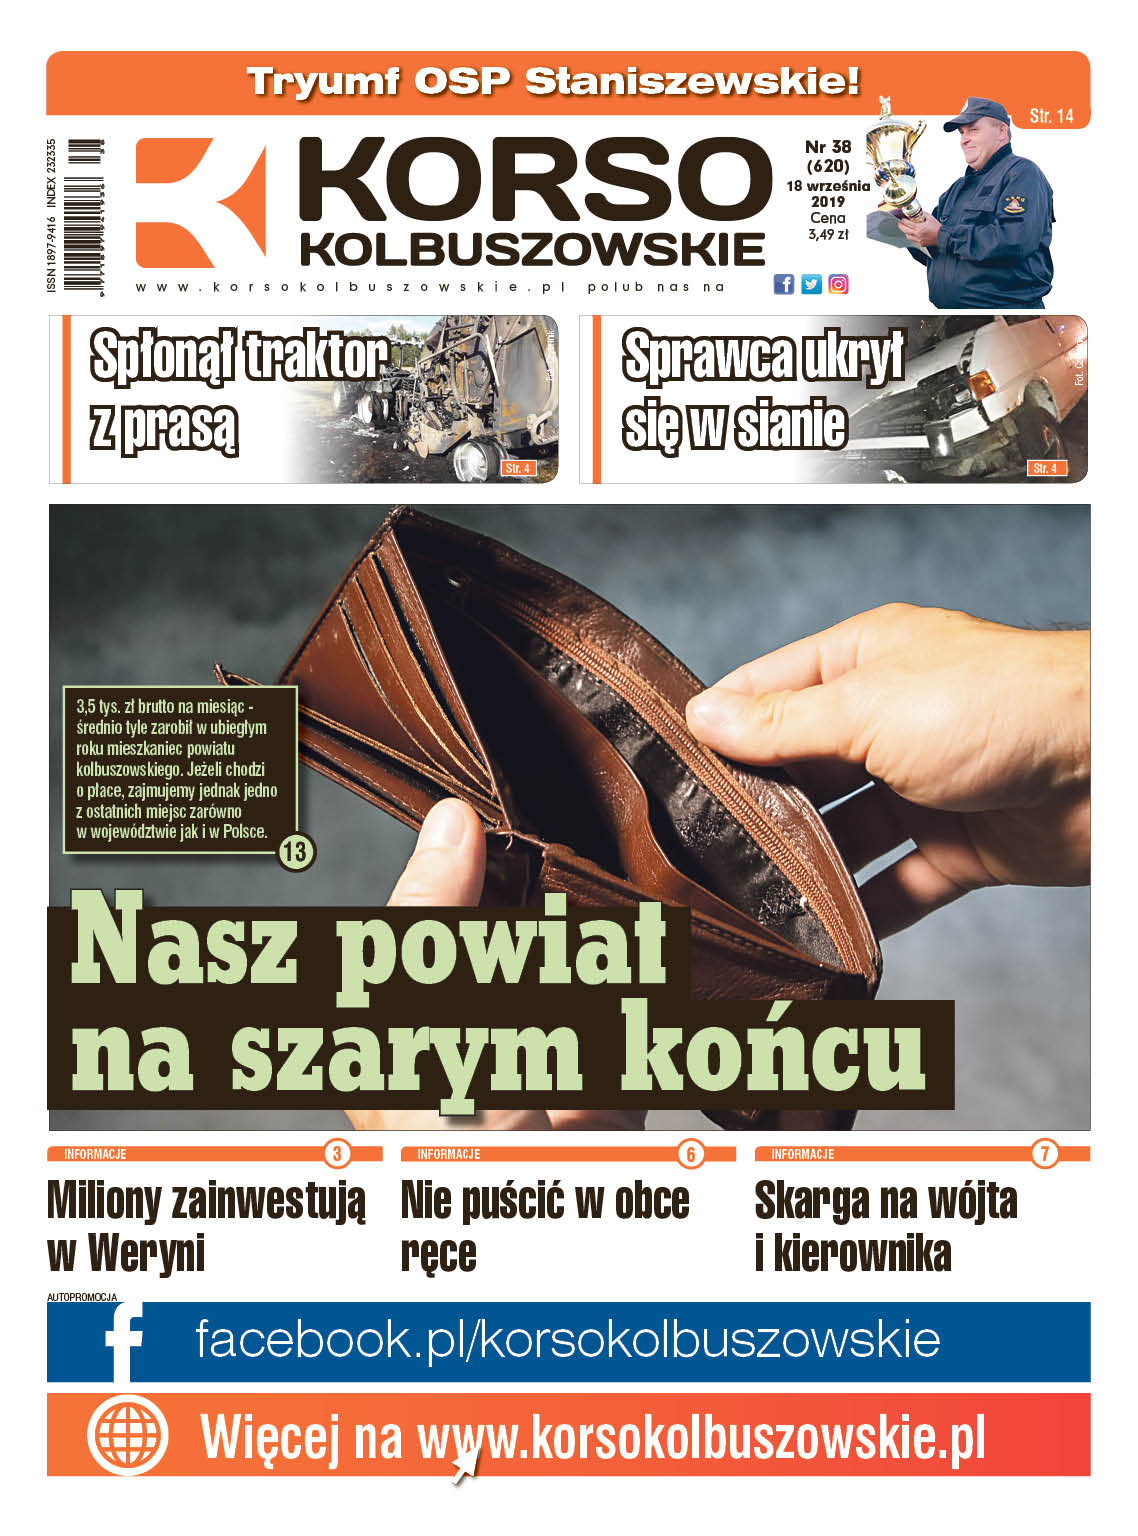 Nowy numer Korso Kolbuszowskie - nr 38/2019 - Zdjęcie główne